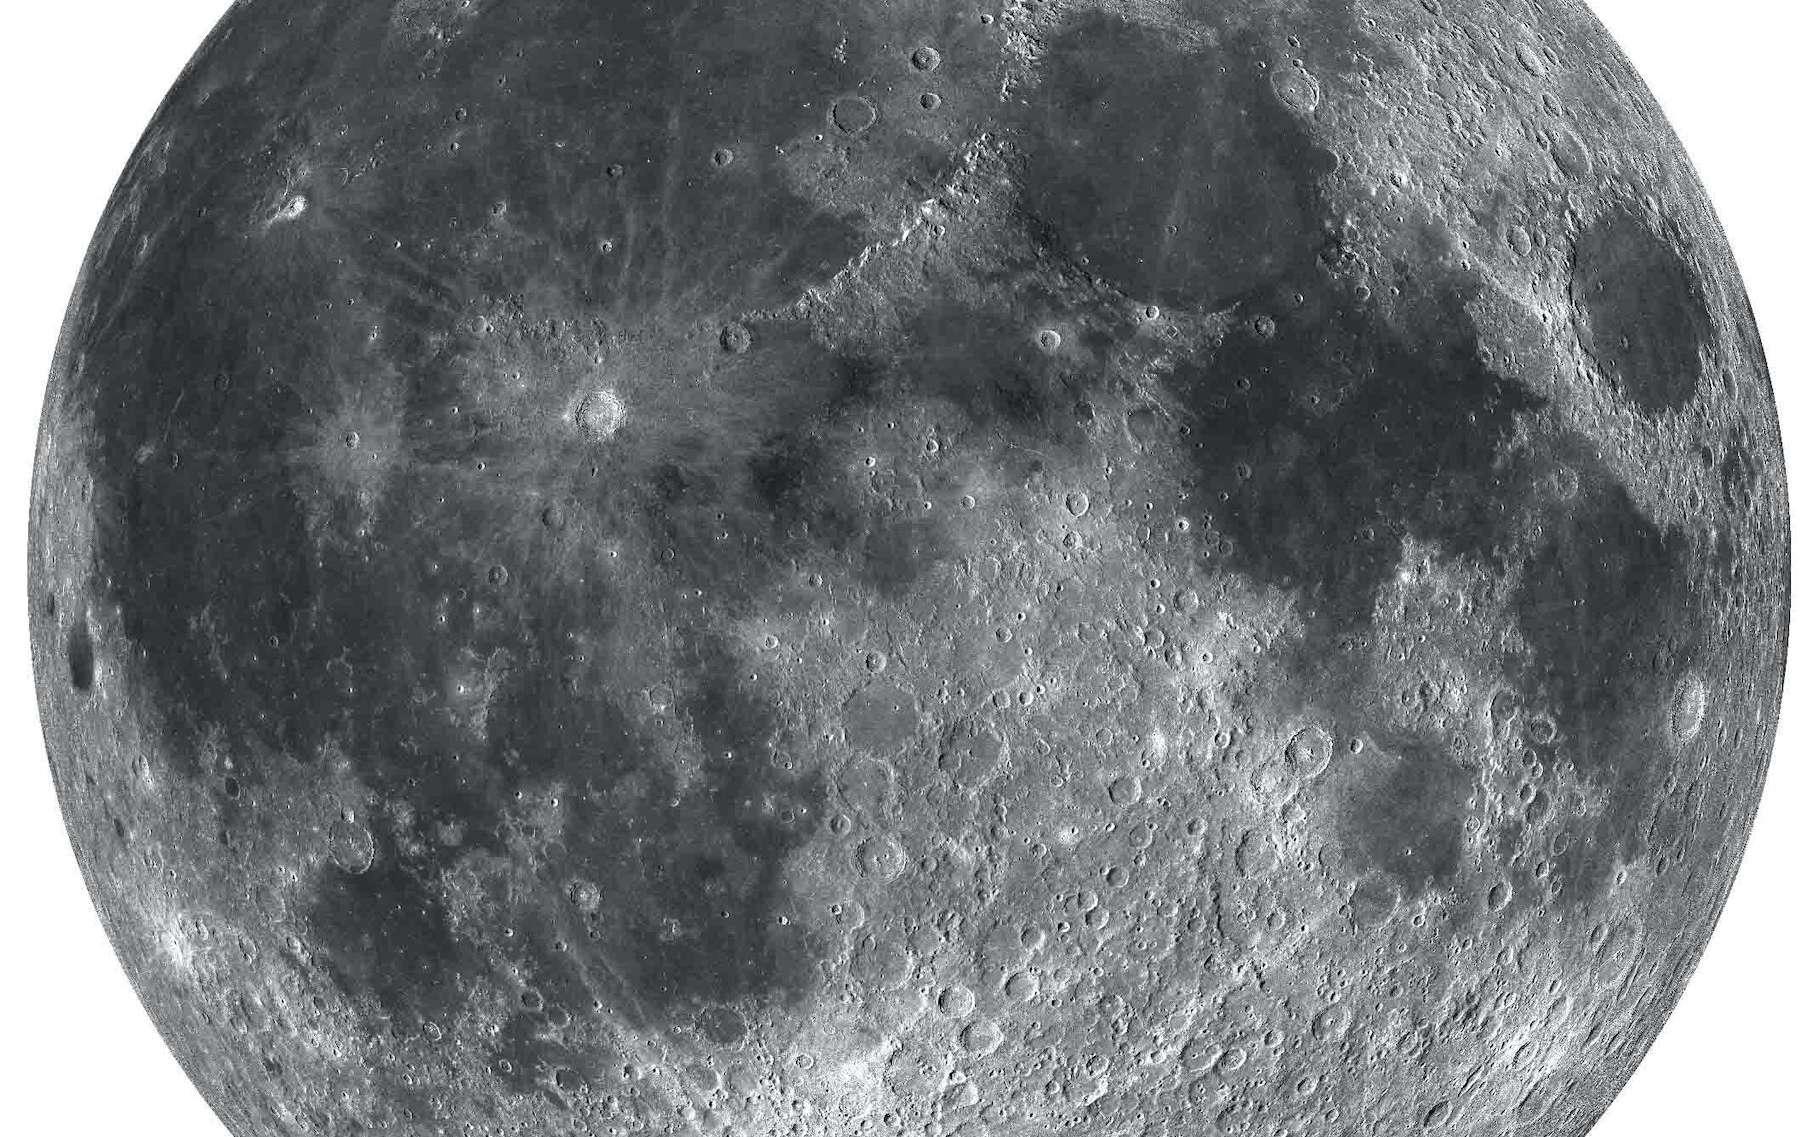 Des chercheurs de l'université d'Hawaï (États-Unis) ont trouvé de l'hématite du côté des pôles de la Lune. Une surprise ! © Shuai Li, université d'Hawaï